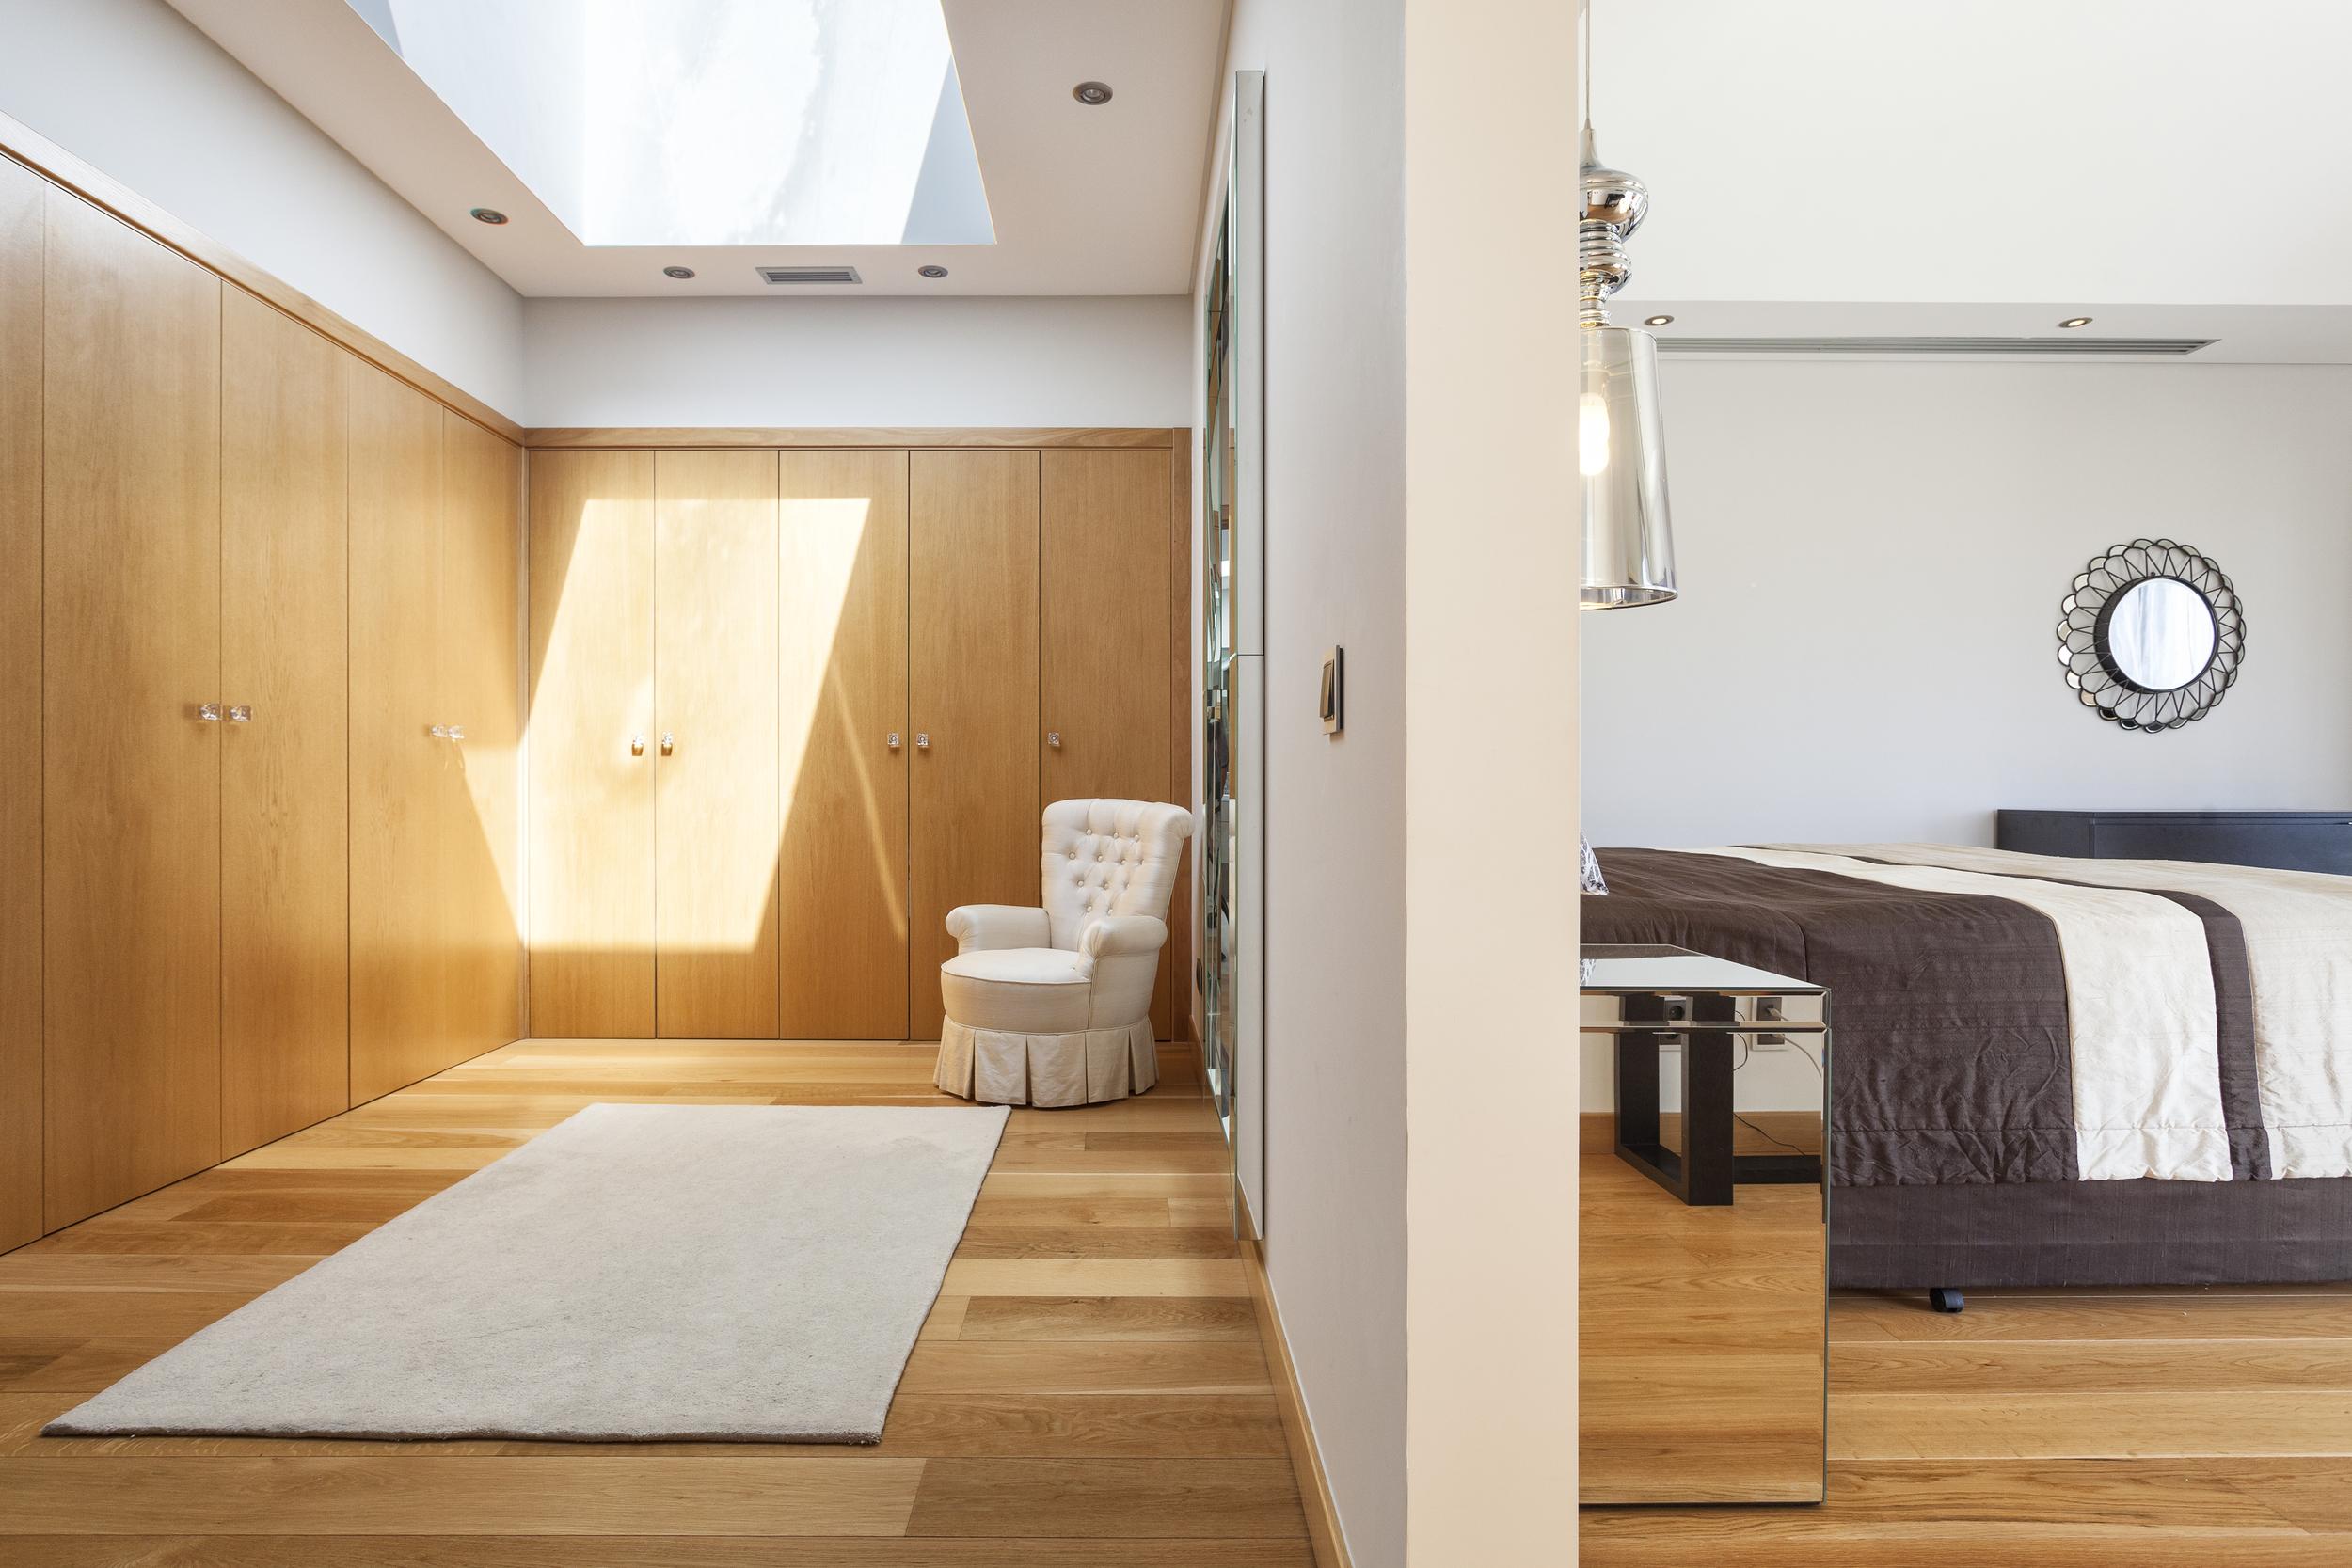 4 bedroom villa to rent in Quinta do Lago, RLV, Villa Serpentine,14.jpg